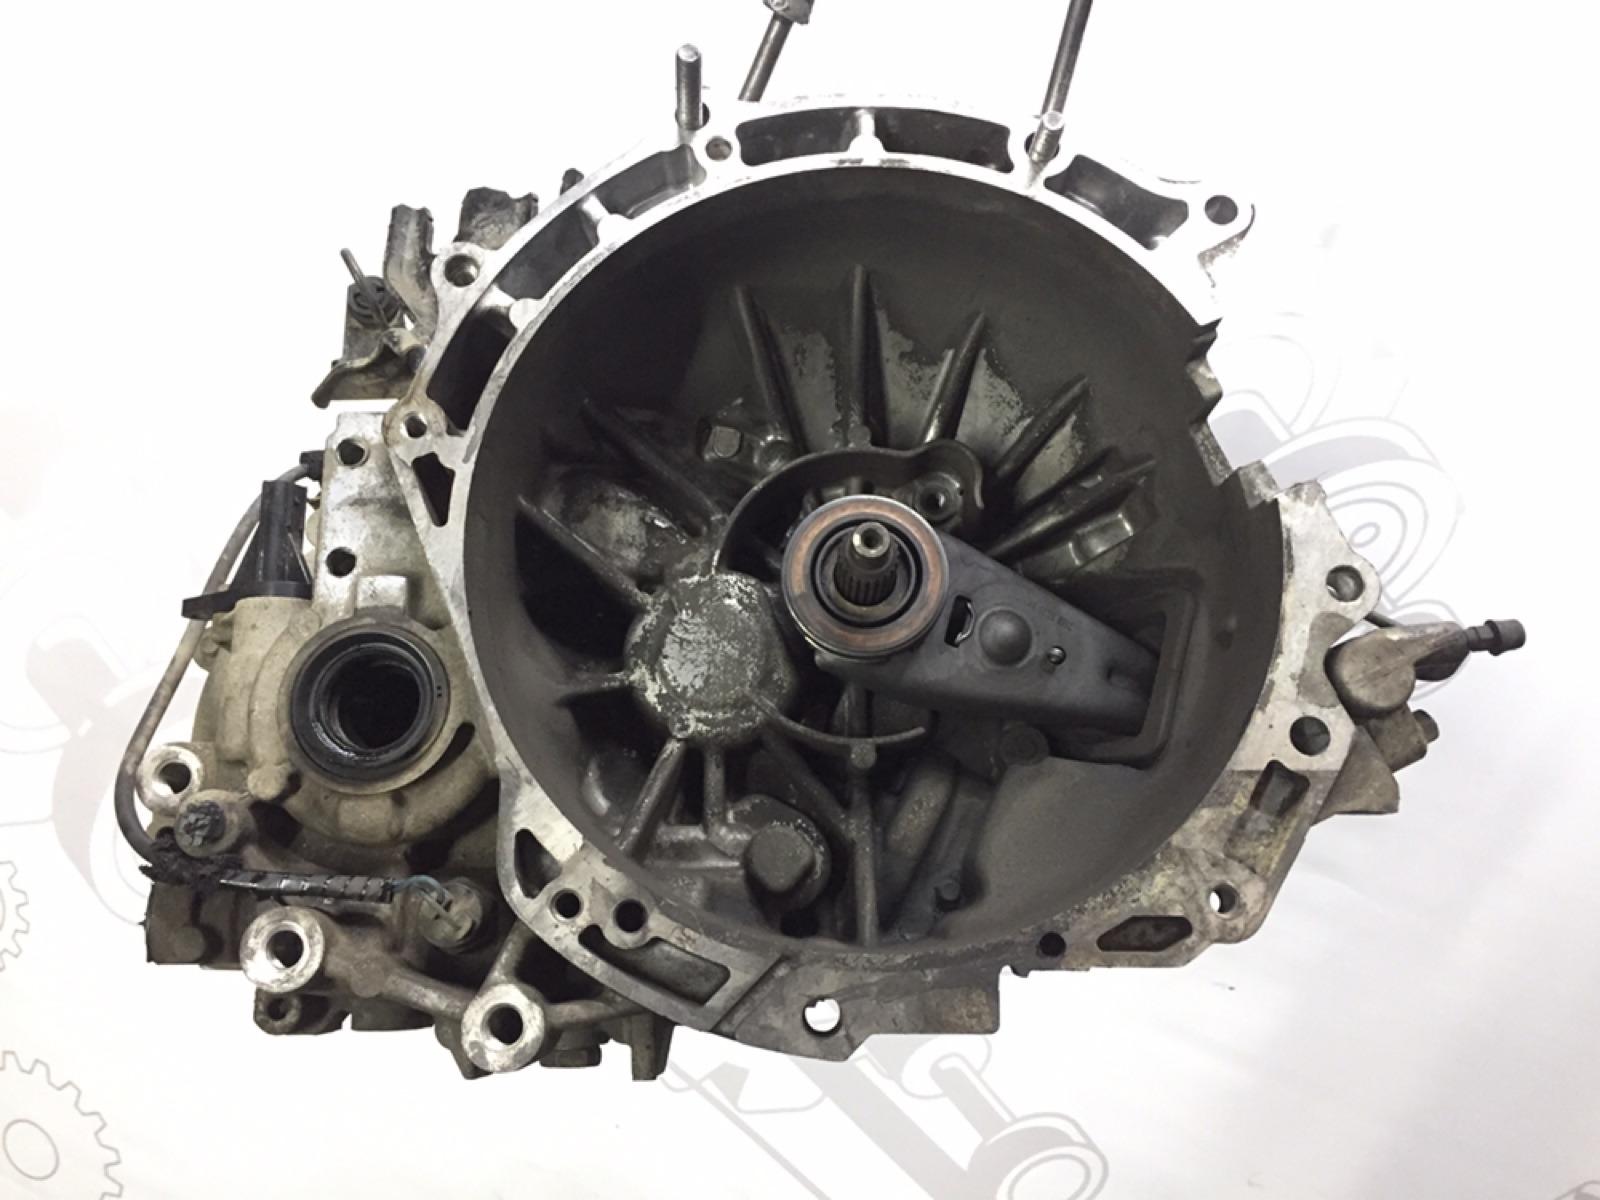 Кпп механическая (мкпп) Mazda 5 1.8 I 2007 (б/у)